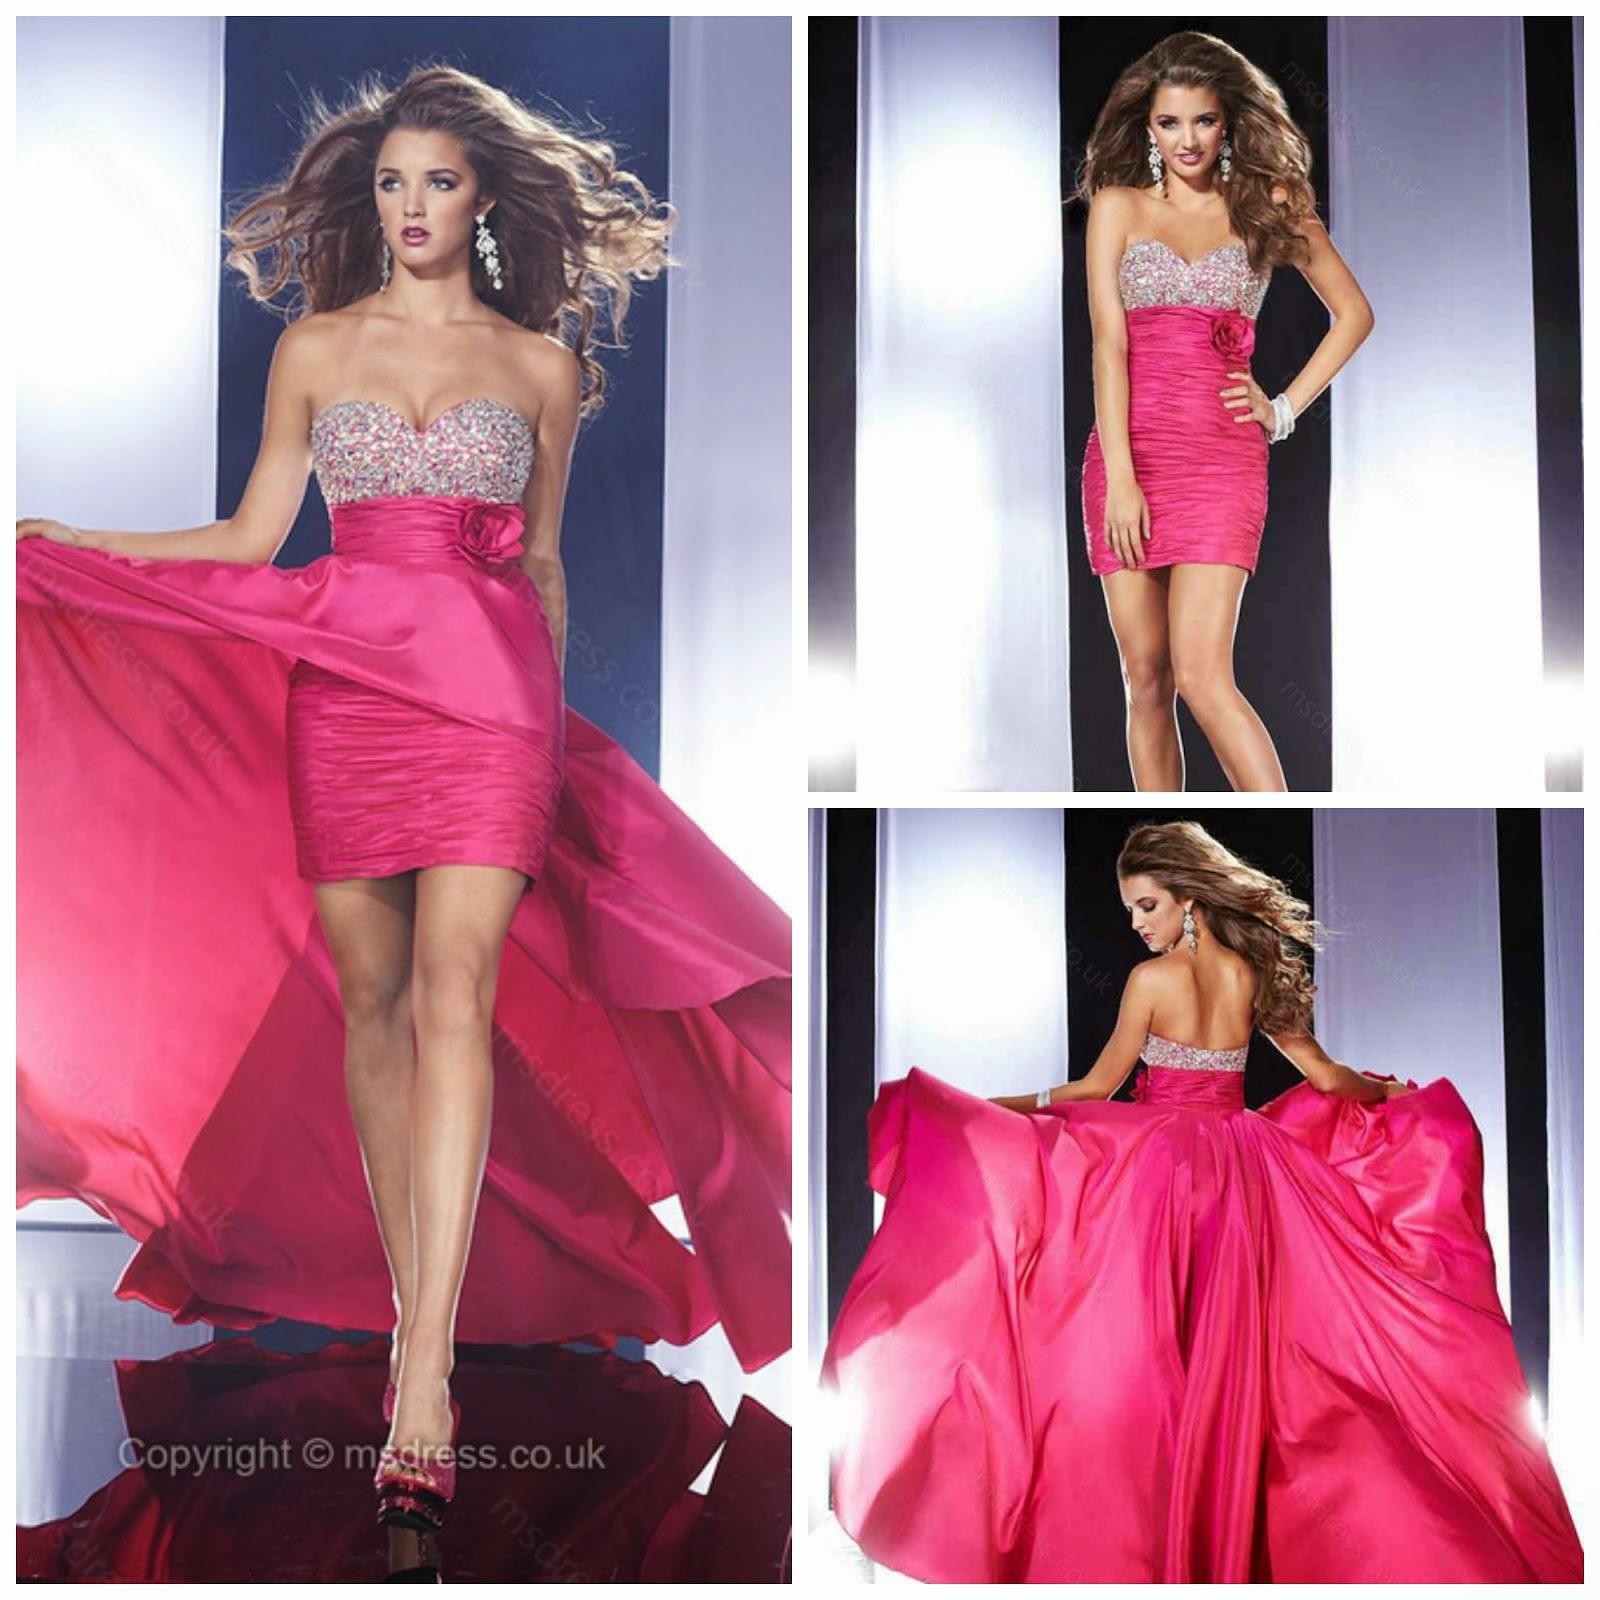 HEAD TURNER PROM DRESSES IDEAS | misskatv.com: HEAD TURNER PROM ...